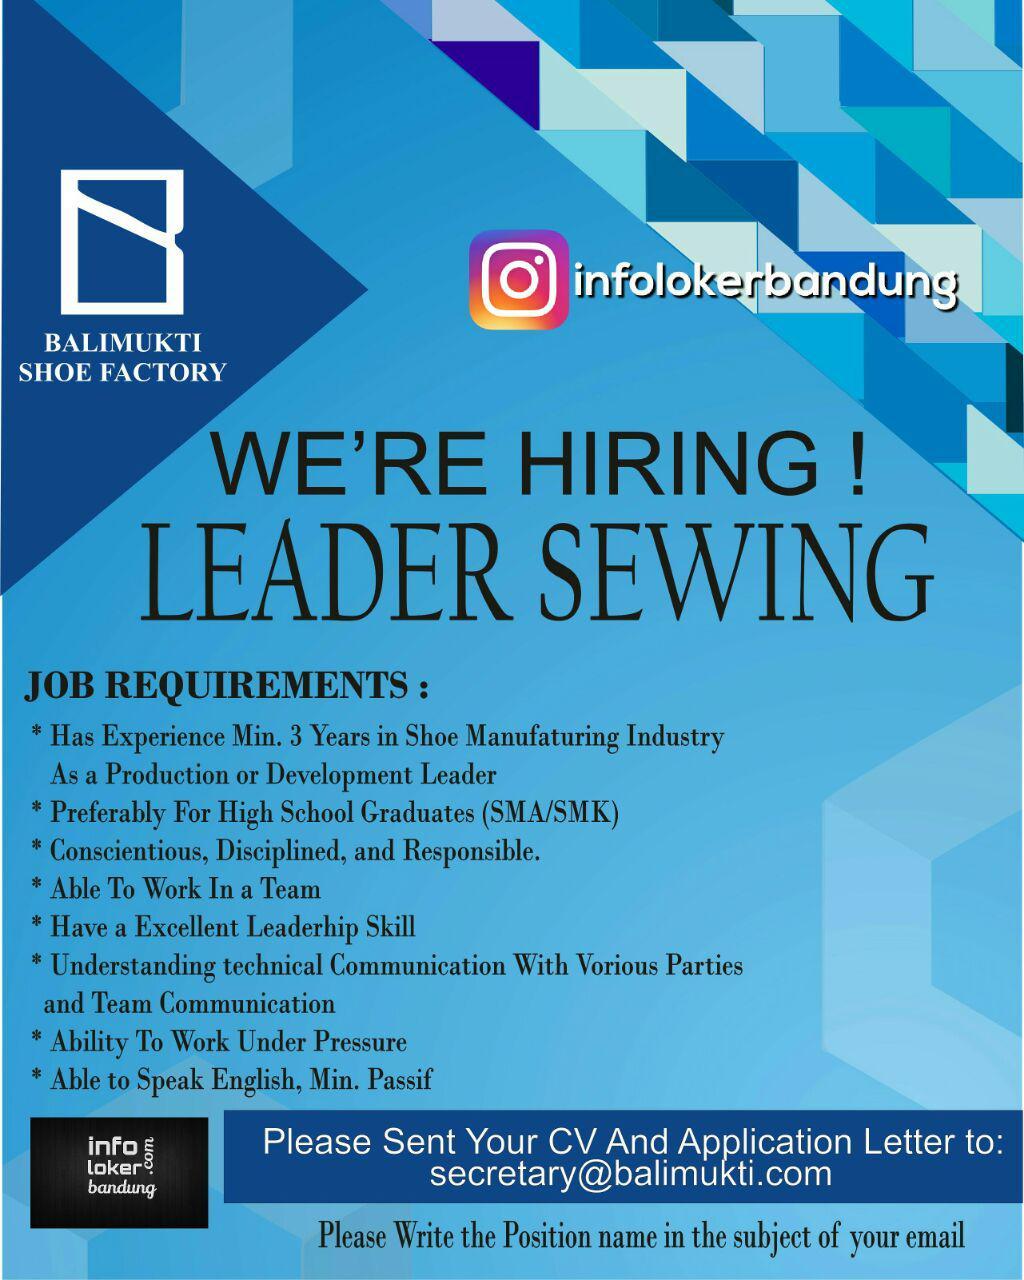 Lowongan Kerja Leader Sewing PT. Balimukti Shoe Factory Bandung September 2017